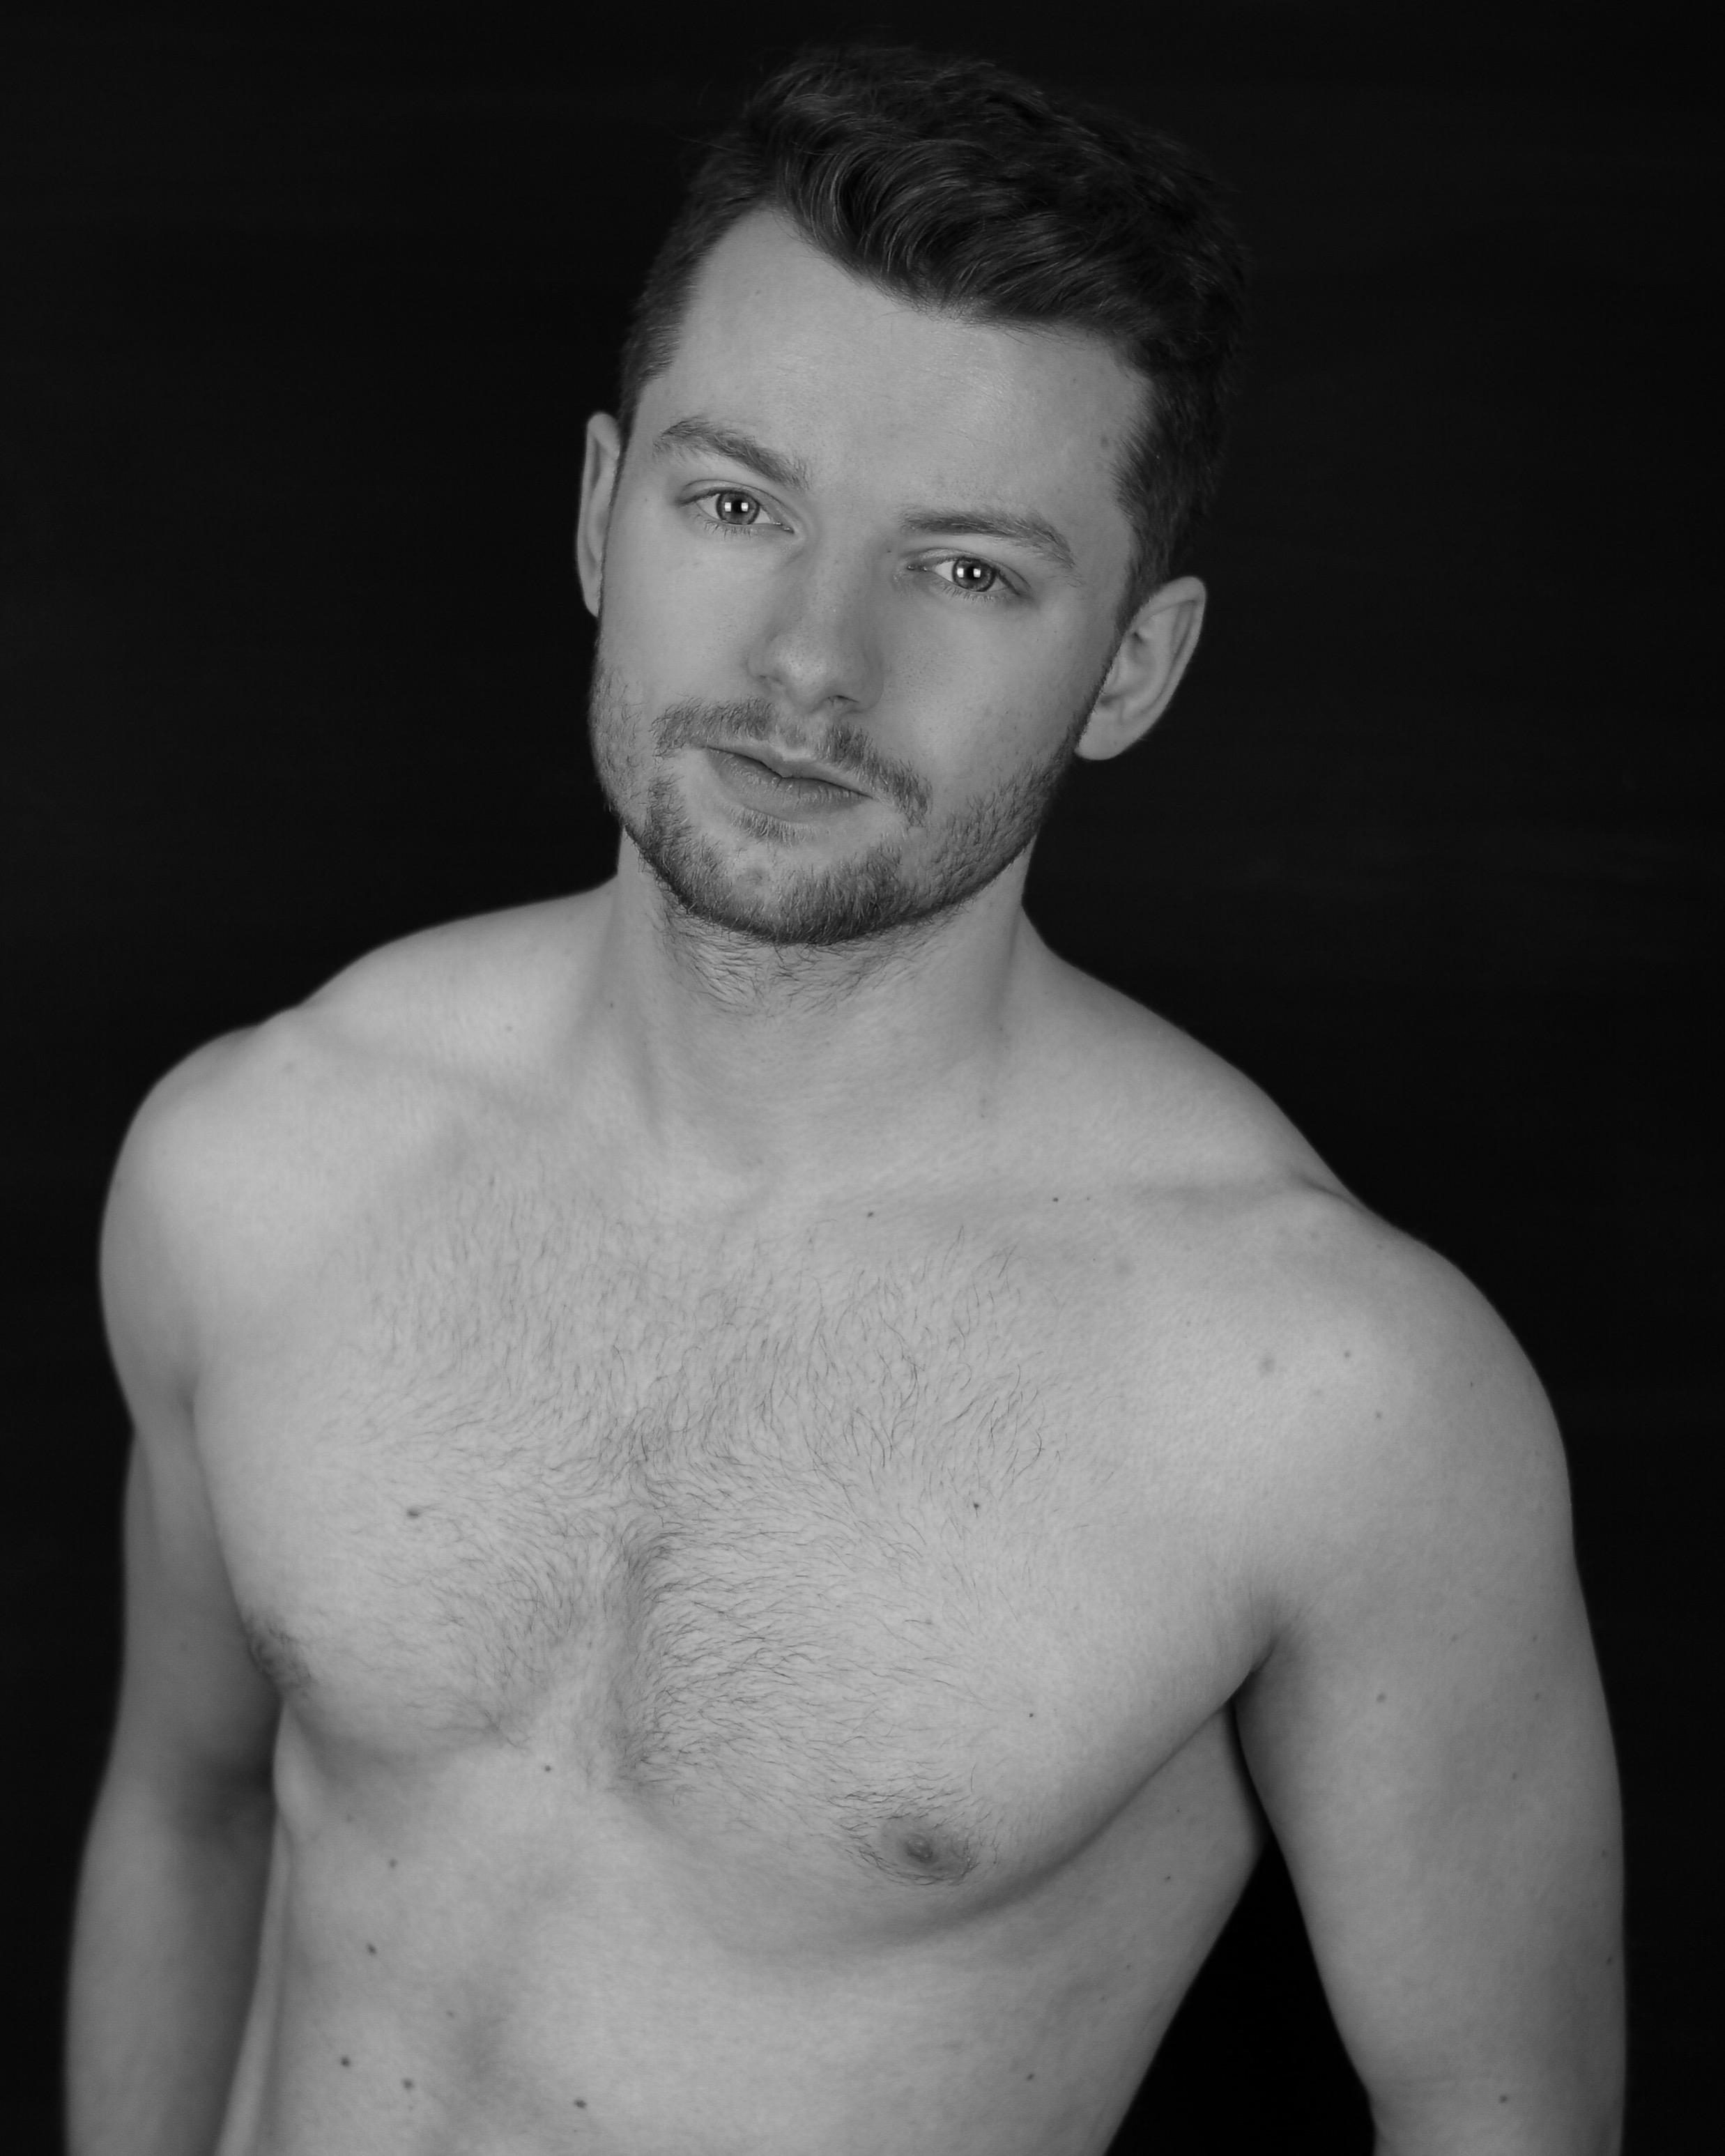 Alex_Heimer_shirtless.JPG